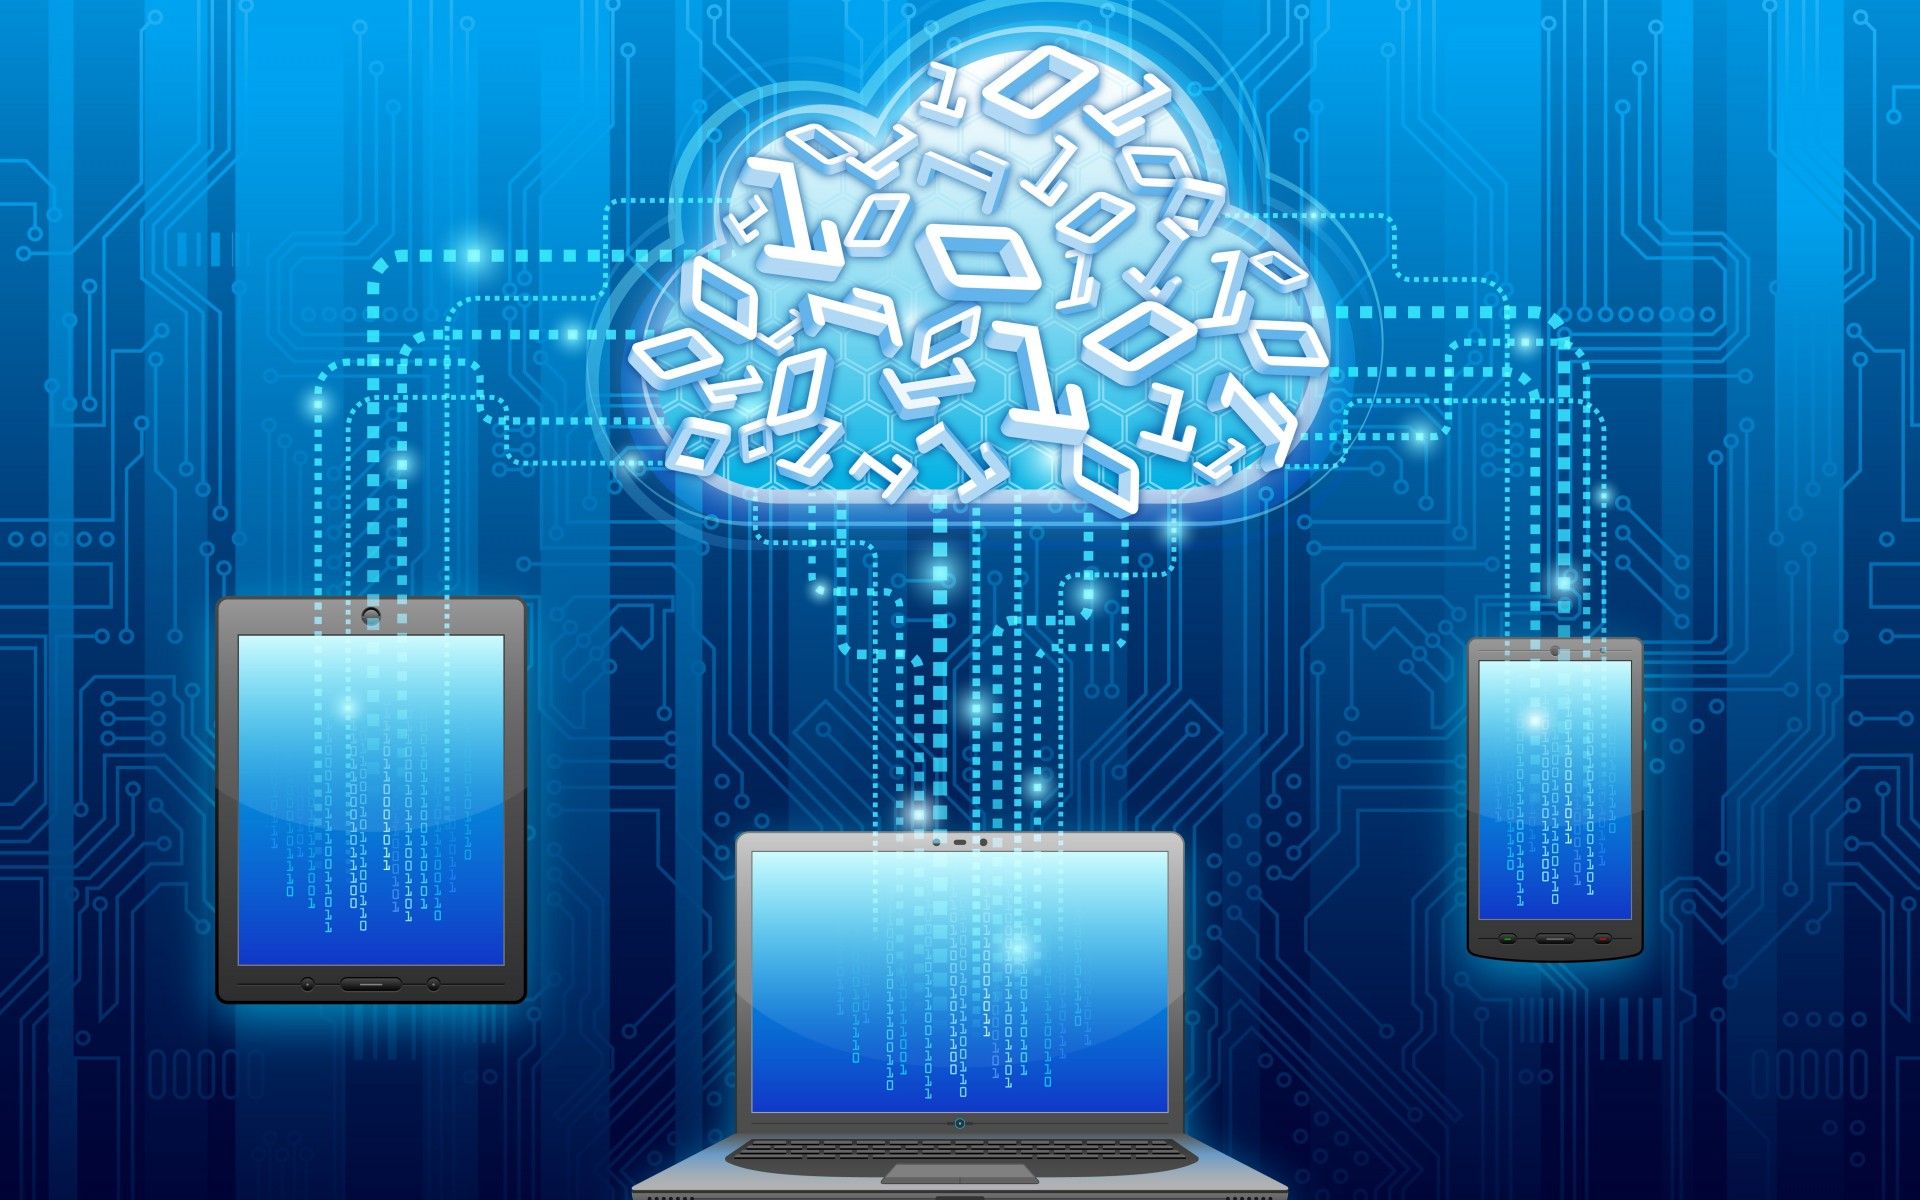 تحضير الوزارة درس أدوات البرمجة بعض الأوامر الأساسية الدوال مادة الحاسب الالي 2 نظام المقررات 1441